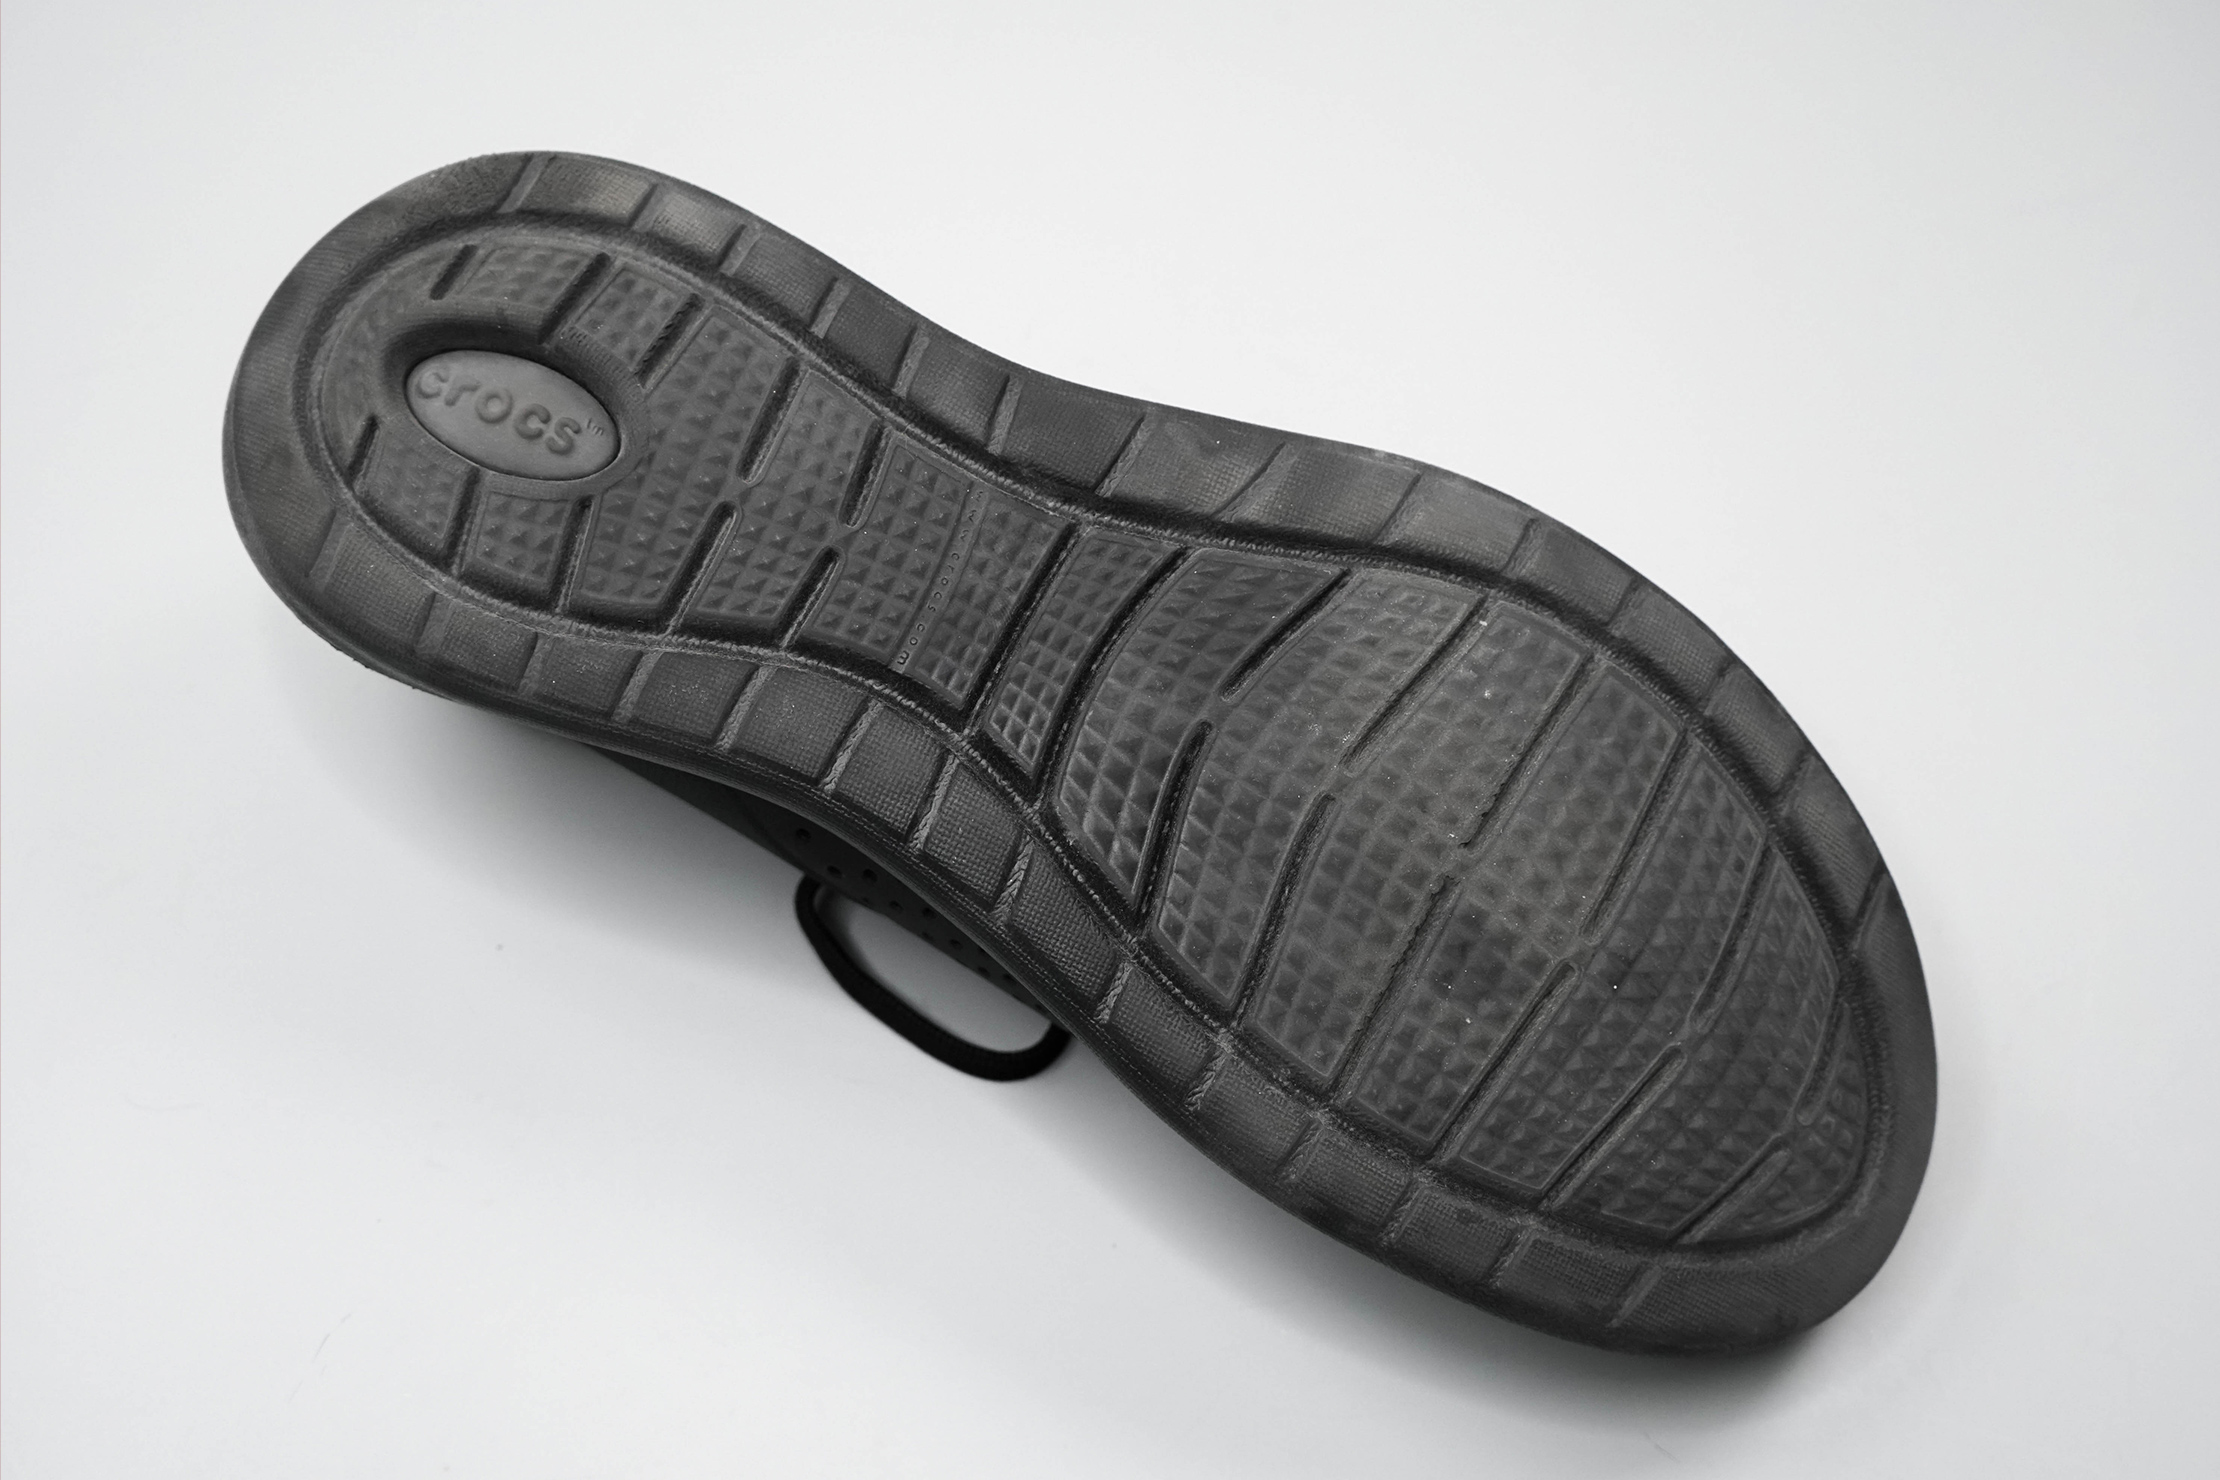 Crocs LiteRide Pacer Tread